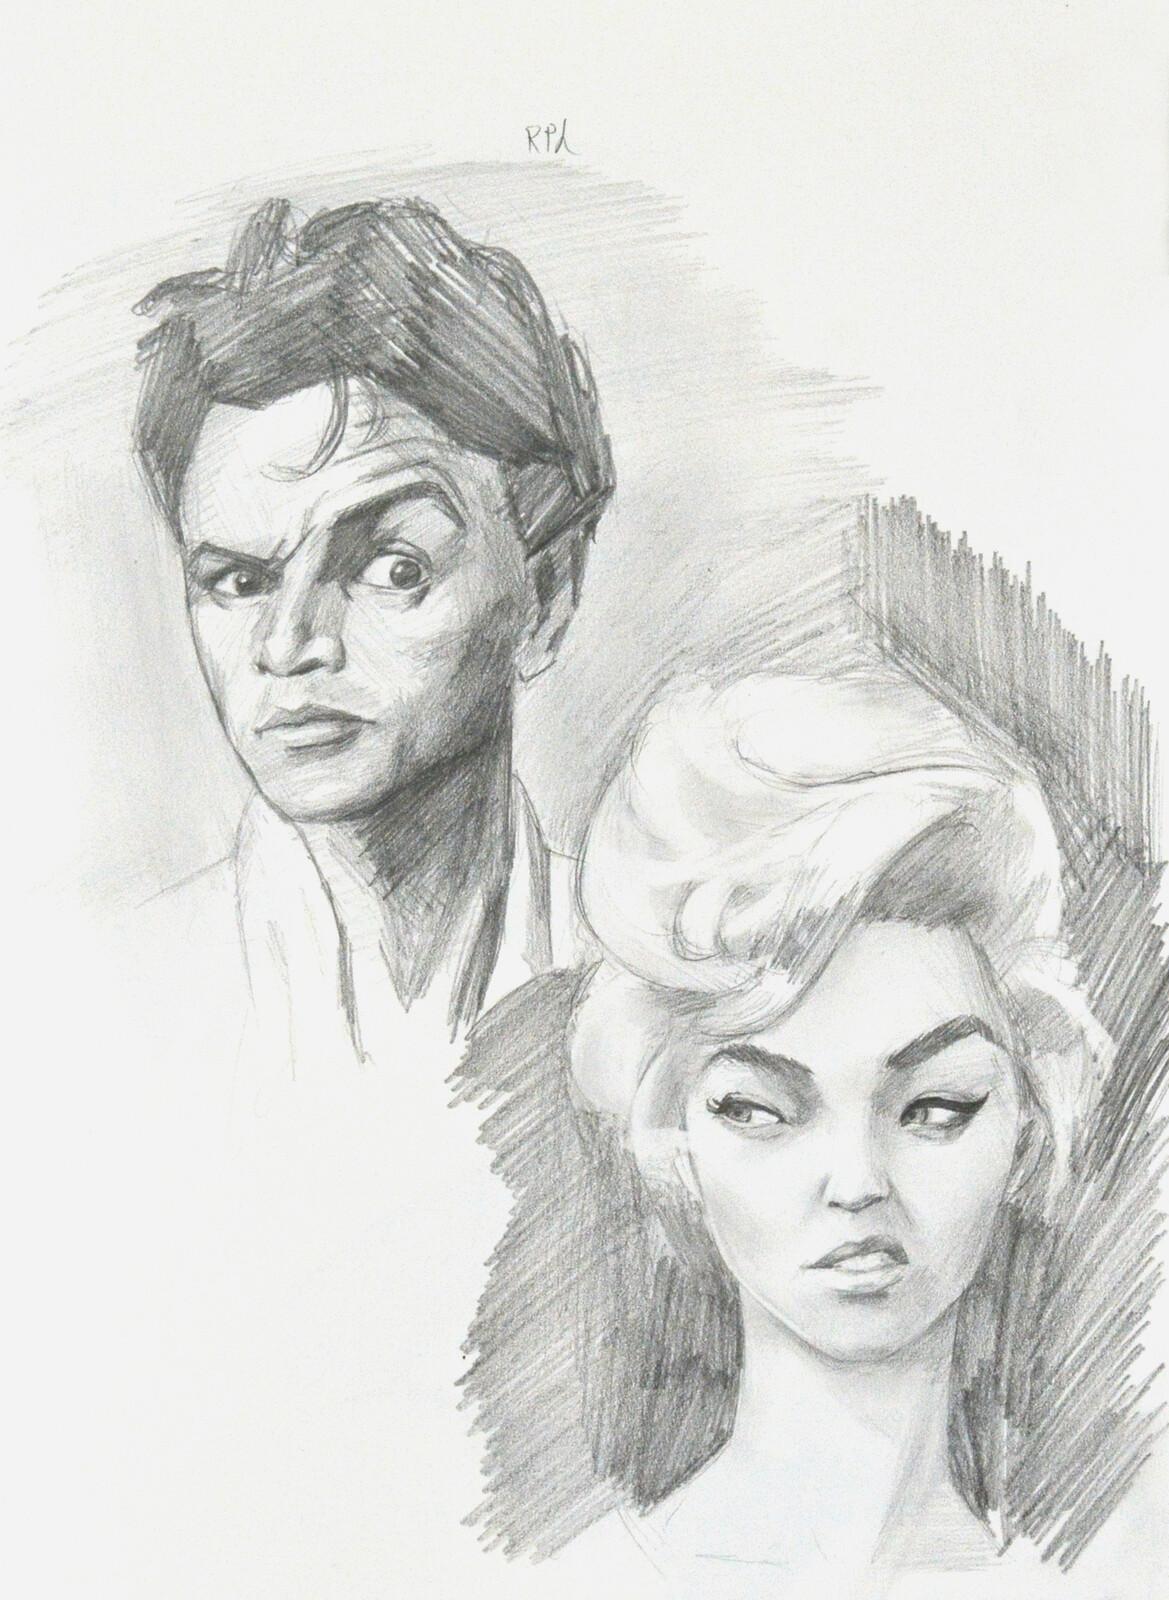 Portrait Practice - I